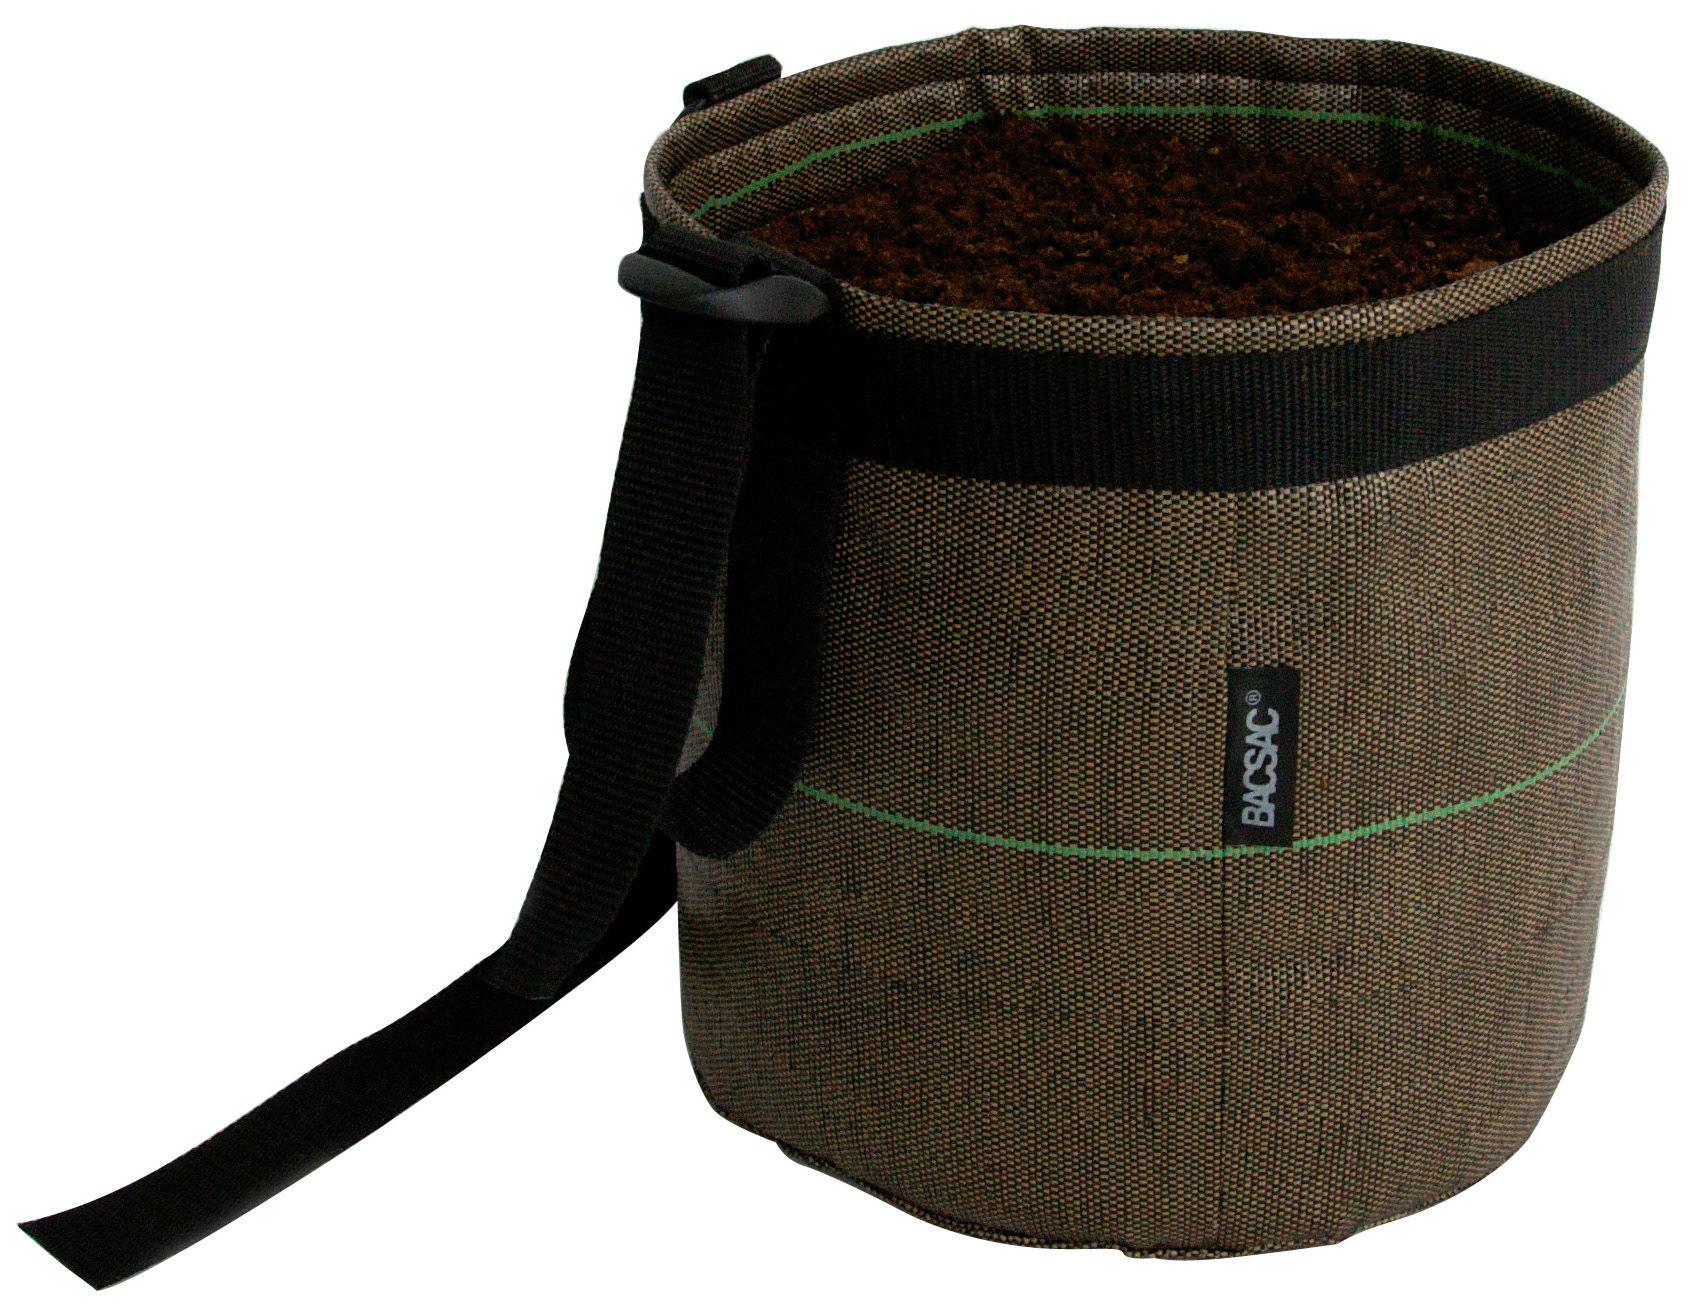 Outdoor - Töpfe und Pflanzen - Accroché Geotextile Blumentopf zum Aufhängen 10 L - Bacsac - Braun - Geotextil-Gewebe